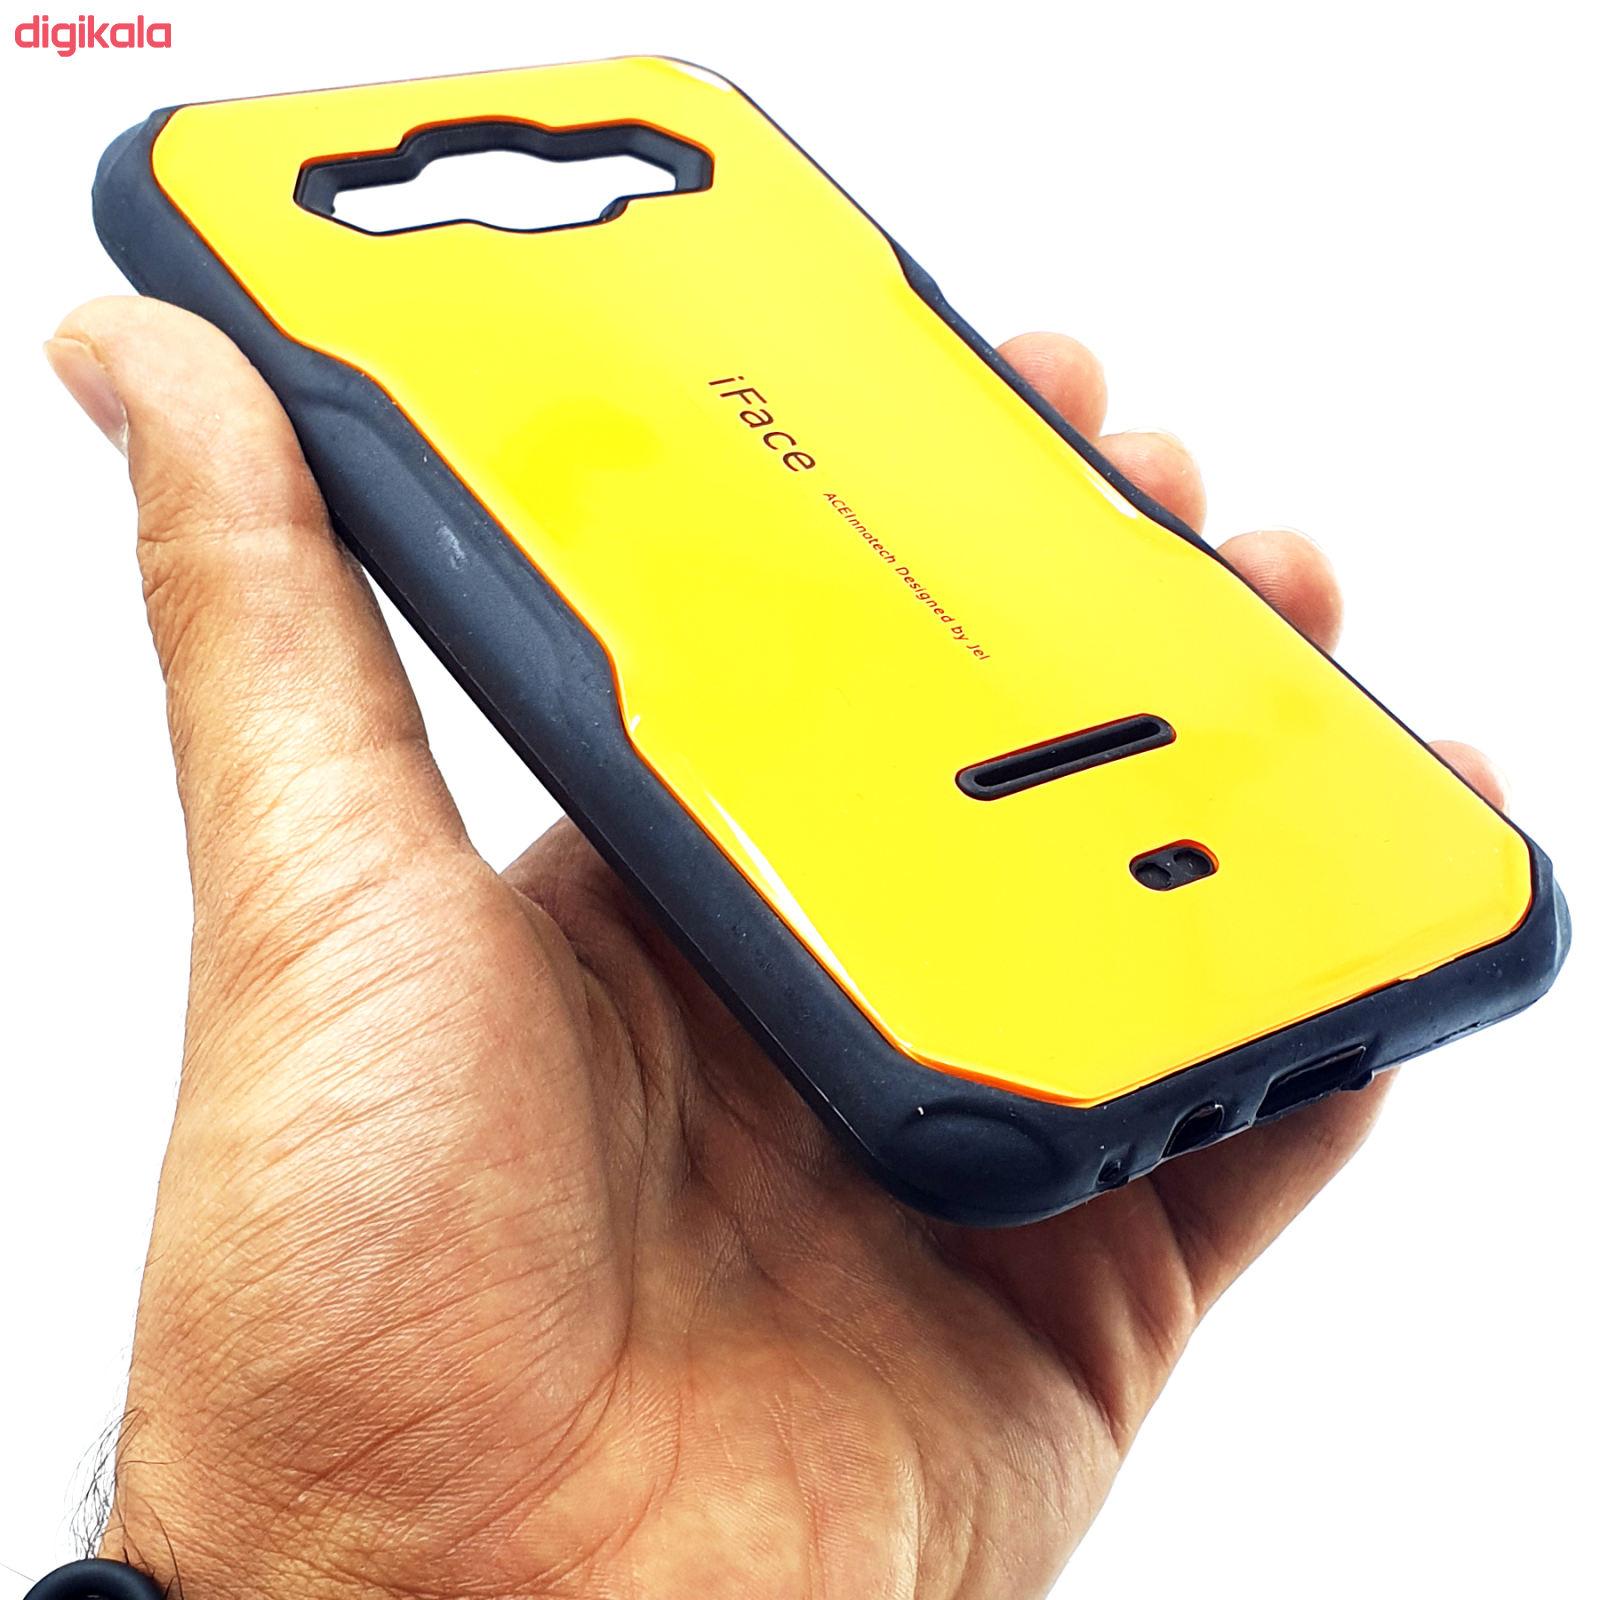 کاور مدل FC24 مناسب برای گوشی موبایل سامسونگ Galaxy E7 2015 / E700 main 1 4